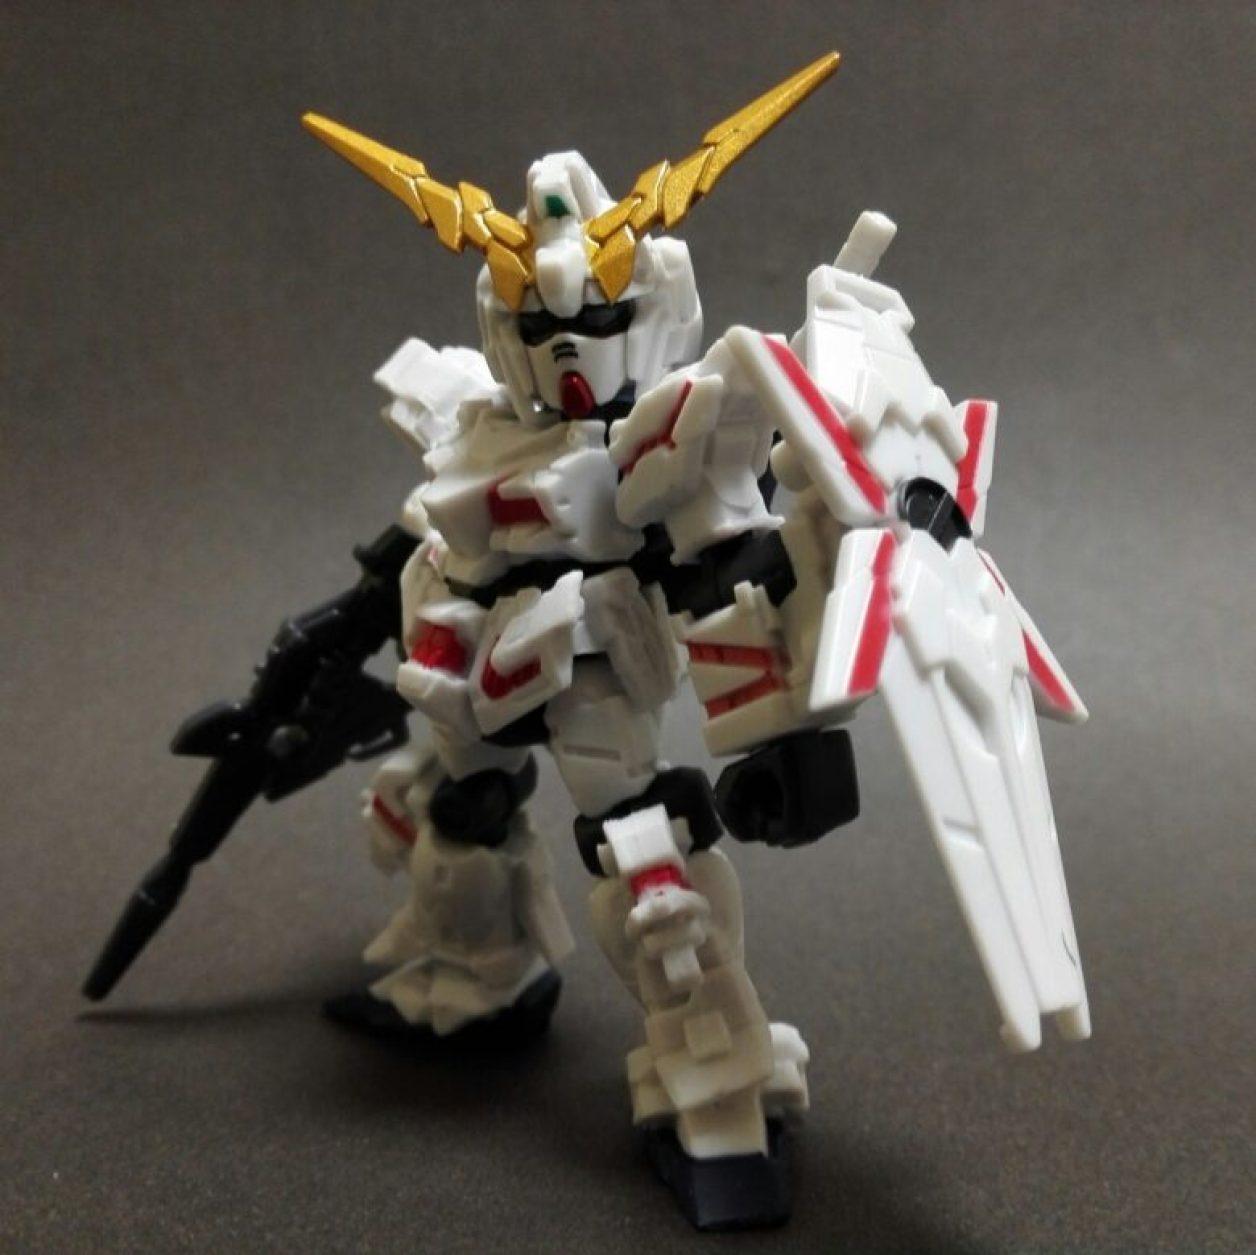 mobile suit ensemble ex13 フルアーマー・ユニコーン[RED.ver]のユニコーンモードのビーム・マグナムとシールドを装備させた標準的な武装形態の画像